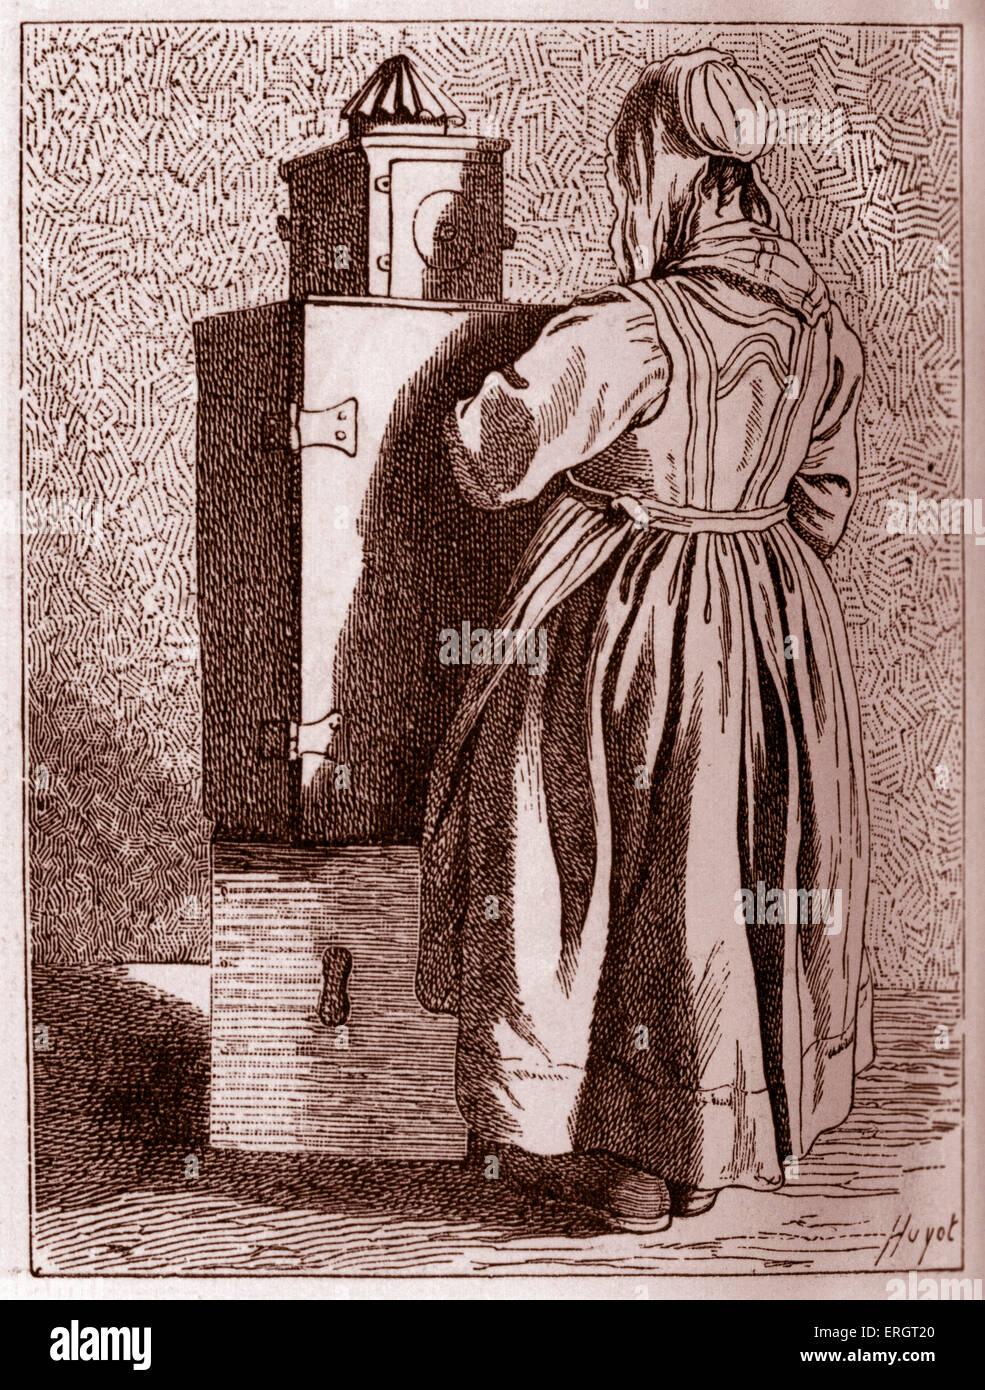 La vita quotidiana nella storia francese  una lanterna magica street  interprete nel XVIII secolo a Parigi d02a8acb4823